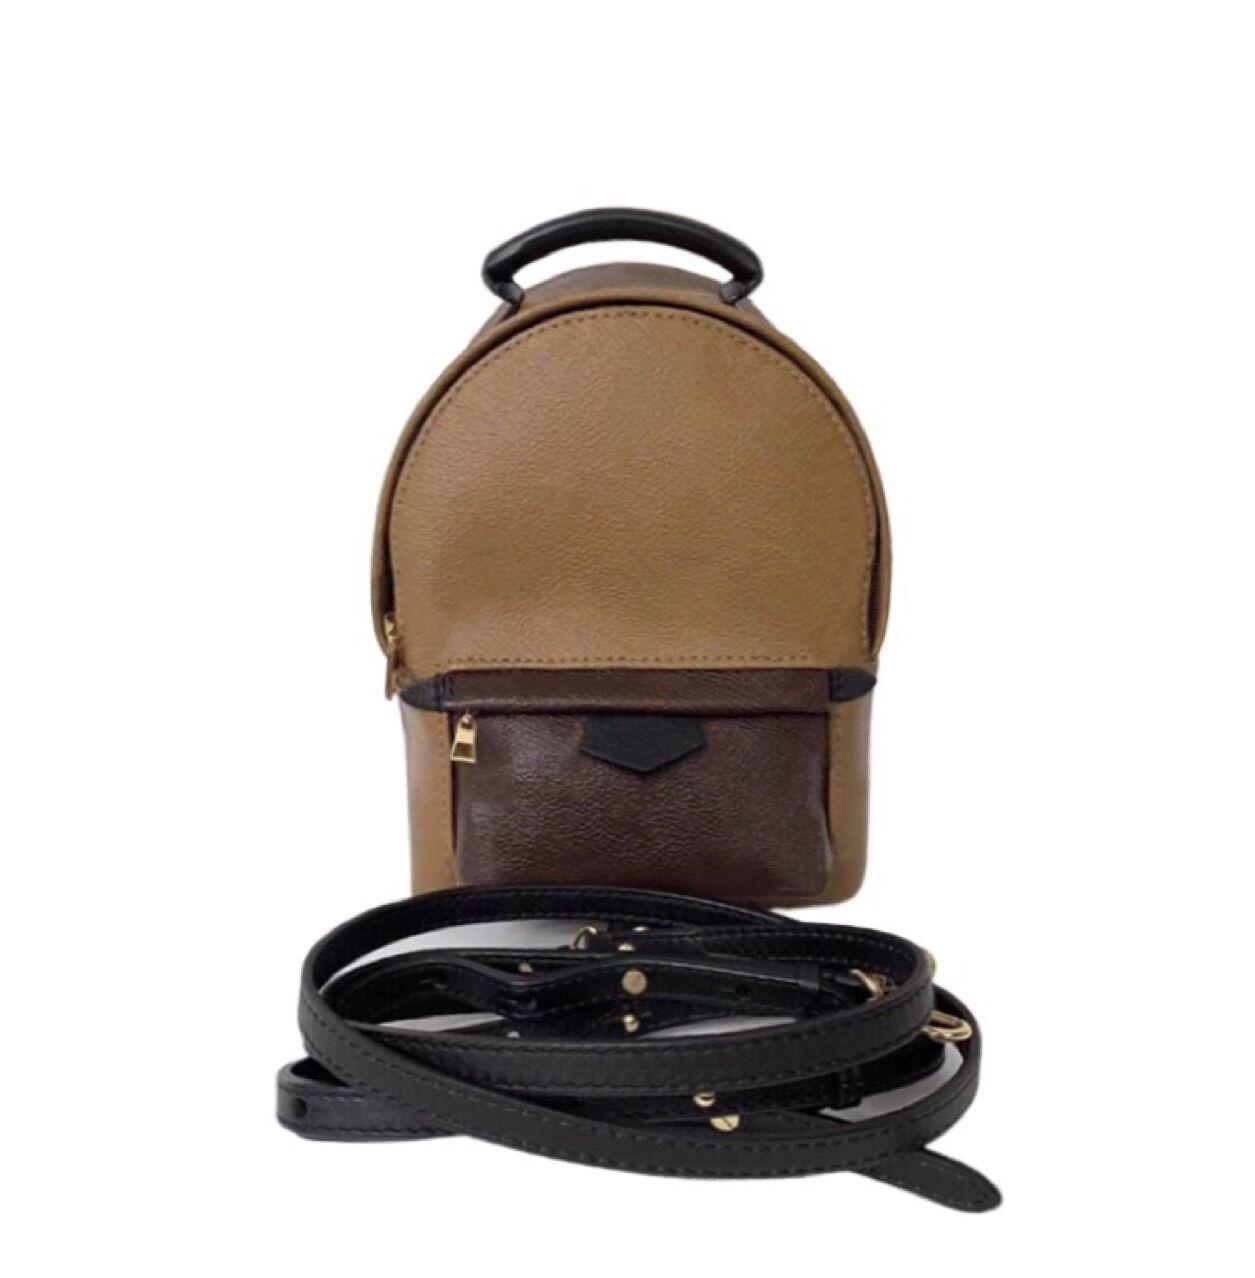 Дизайнерские качественные кошельки сумки бренд сумки Европа дизайнеры мужские роскоши N41612 Damier Новый качественный рюкзаки средней школы женщин Cobal High BA Ohjv